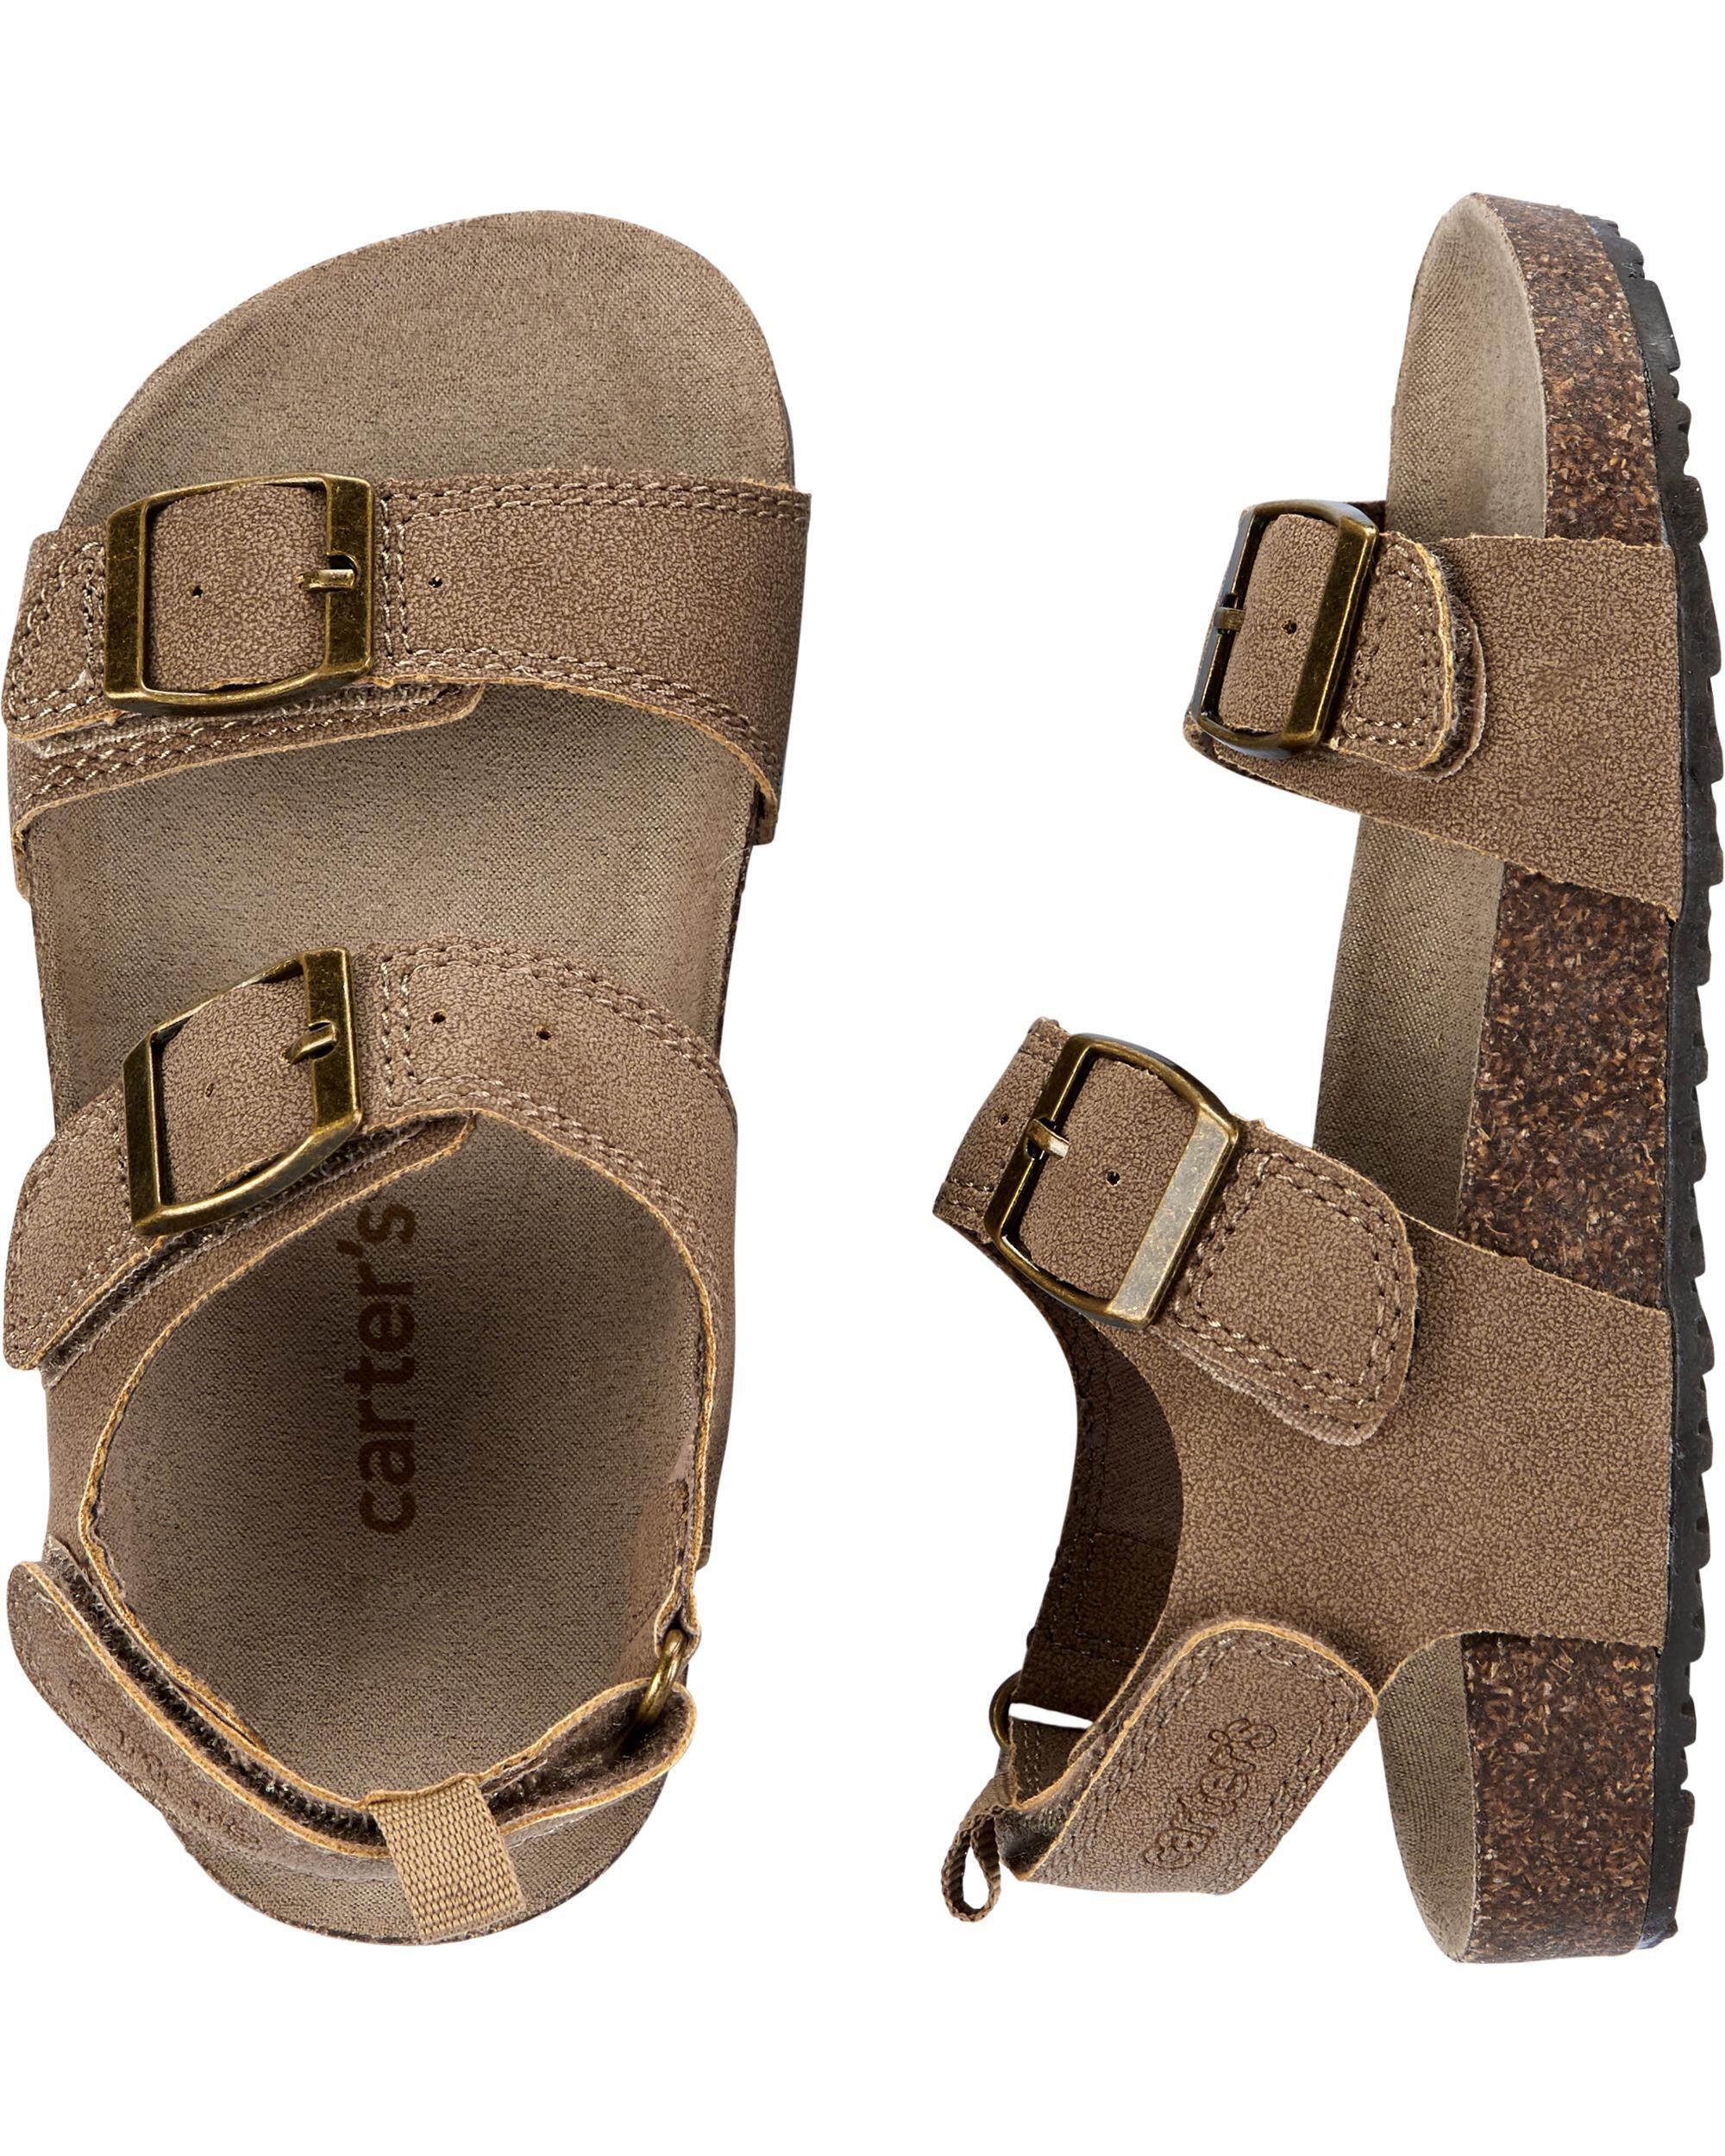 Carter's Cork Sandals